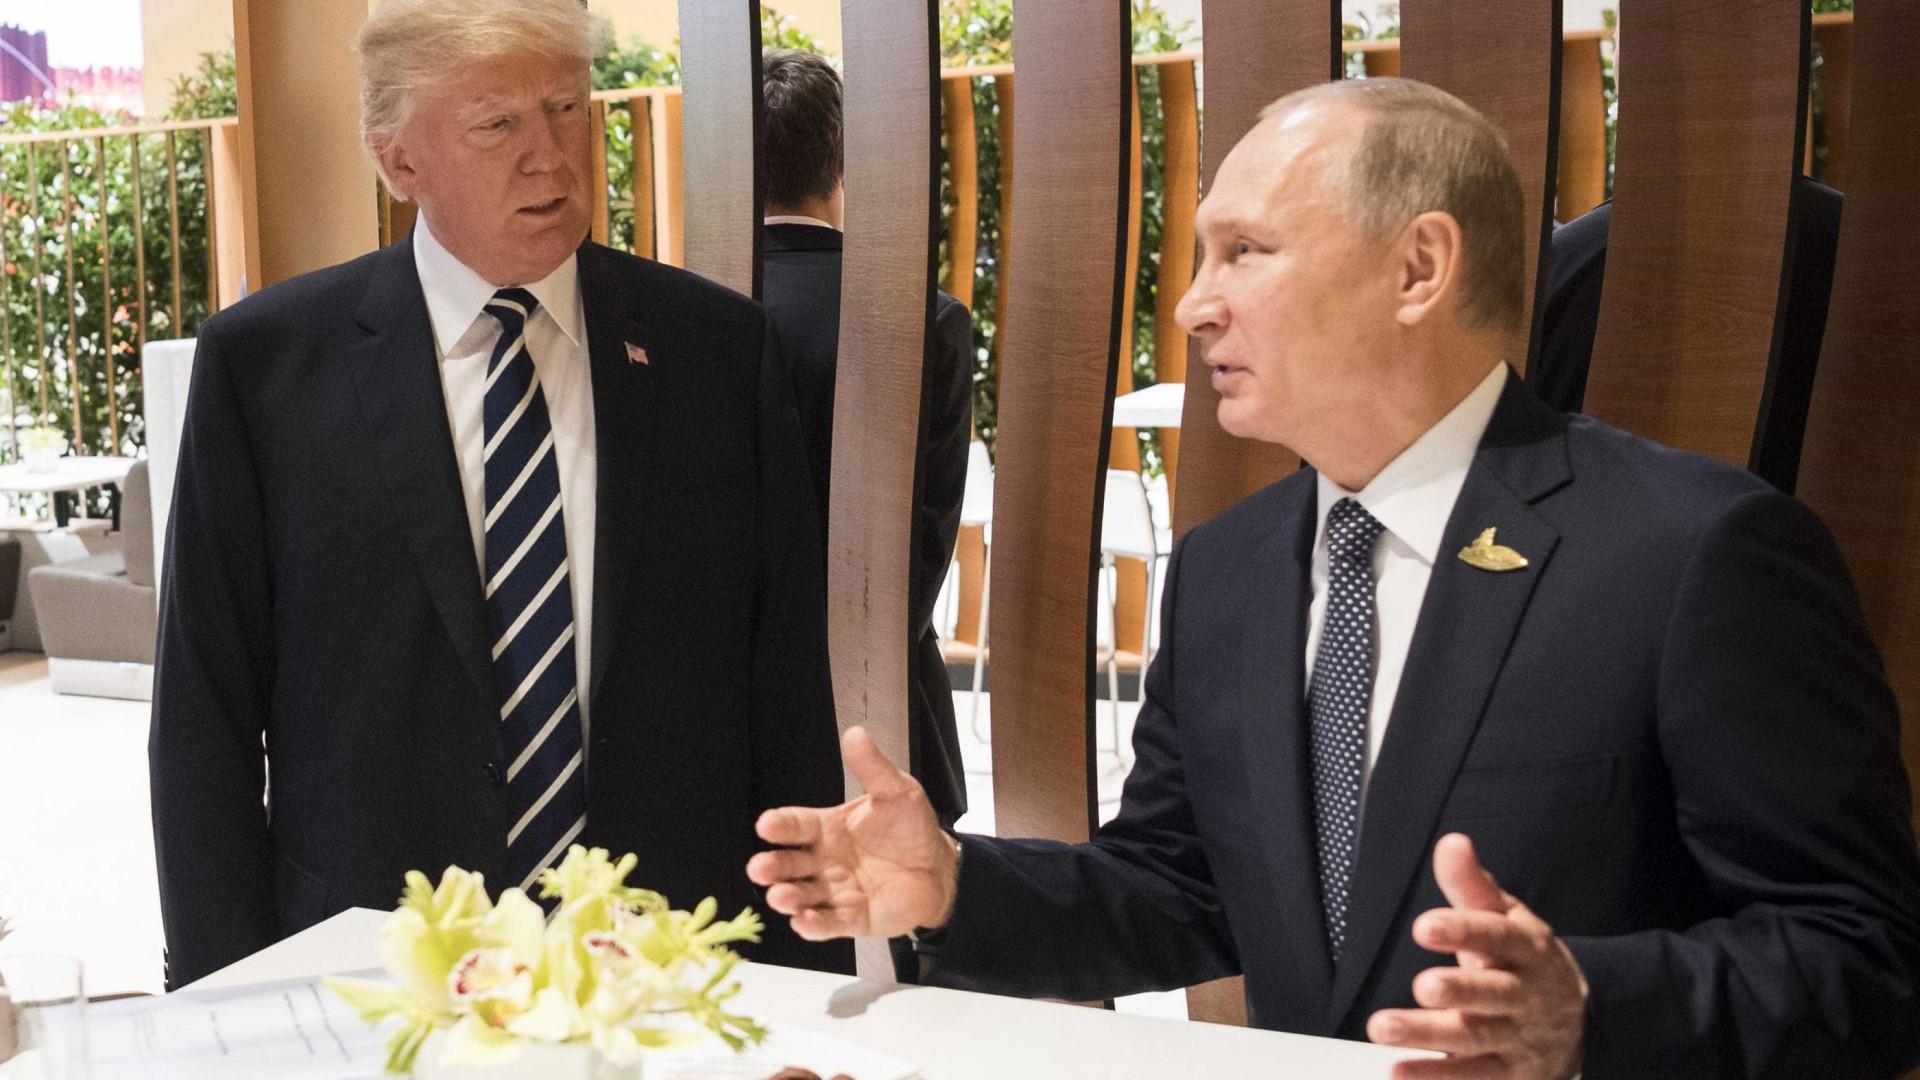 Novo encontro entre Trump e Putin pode acontecer em breve em Paris